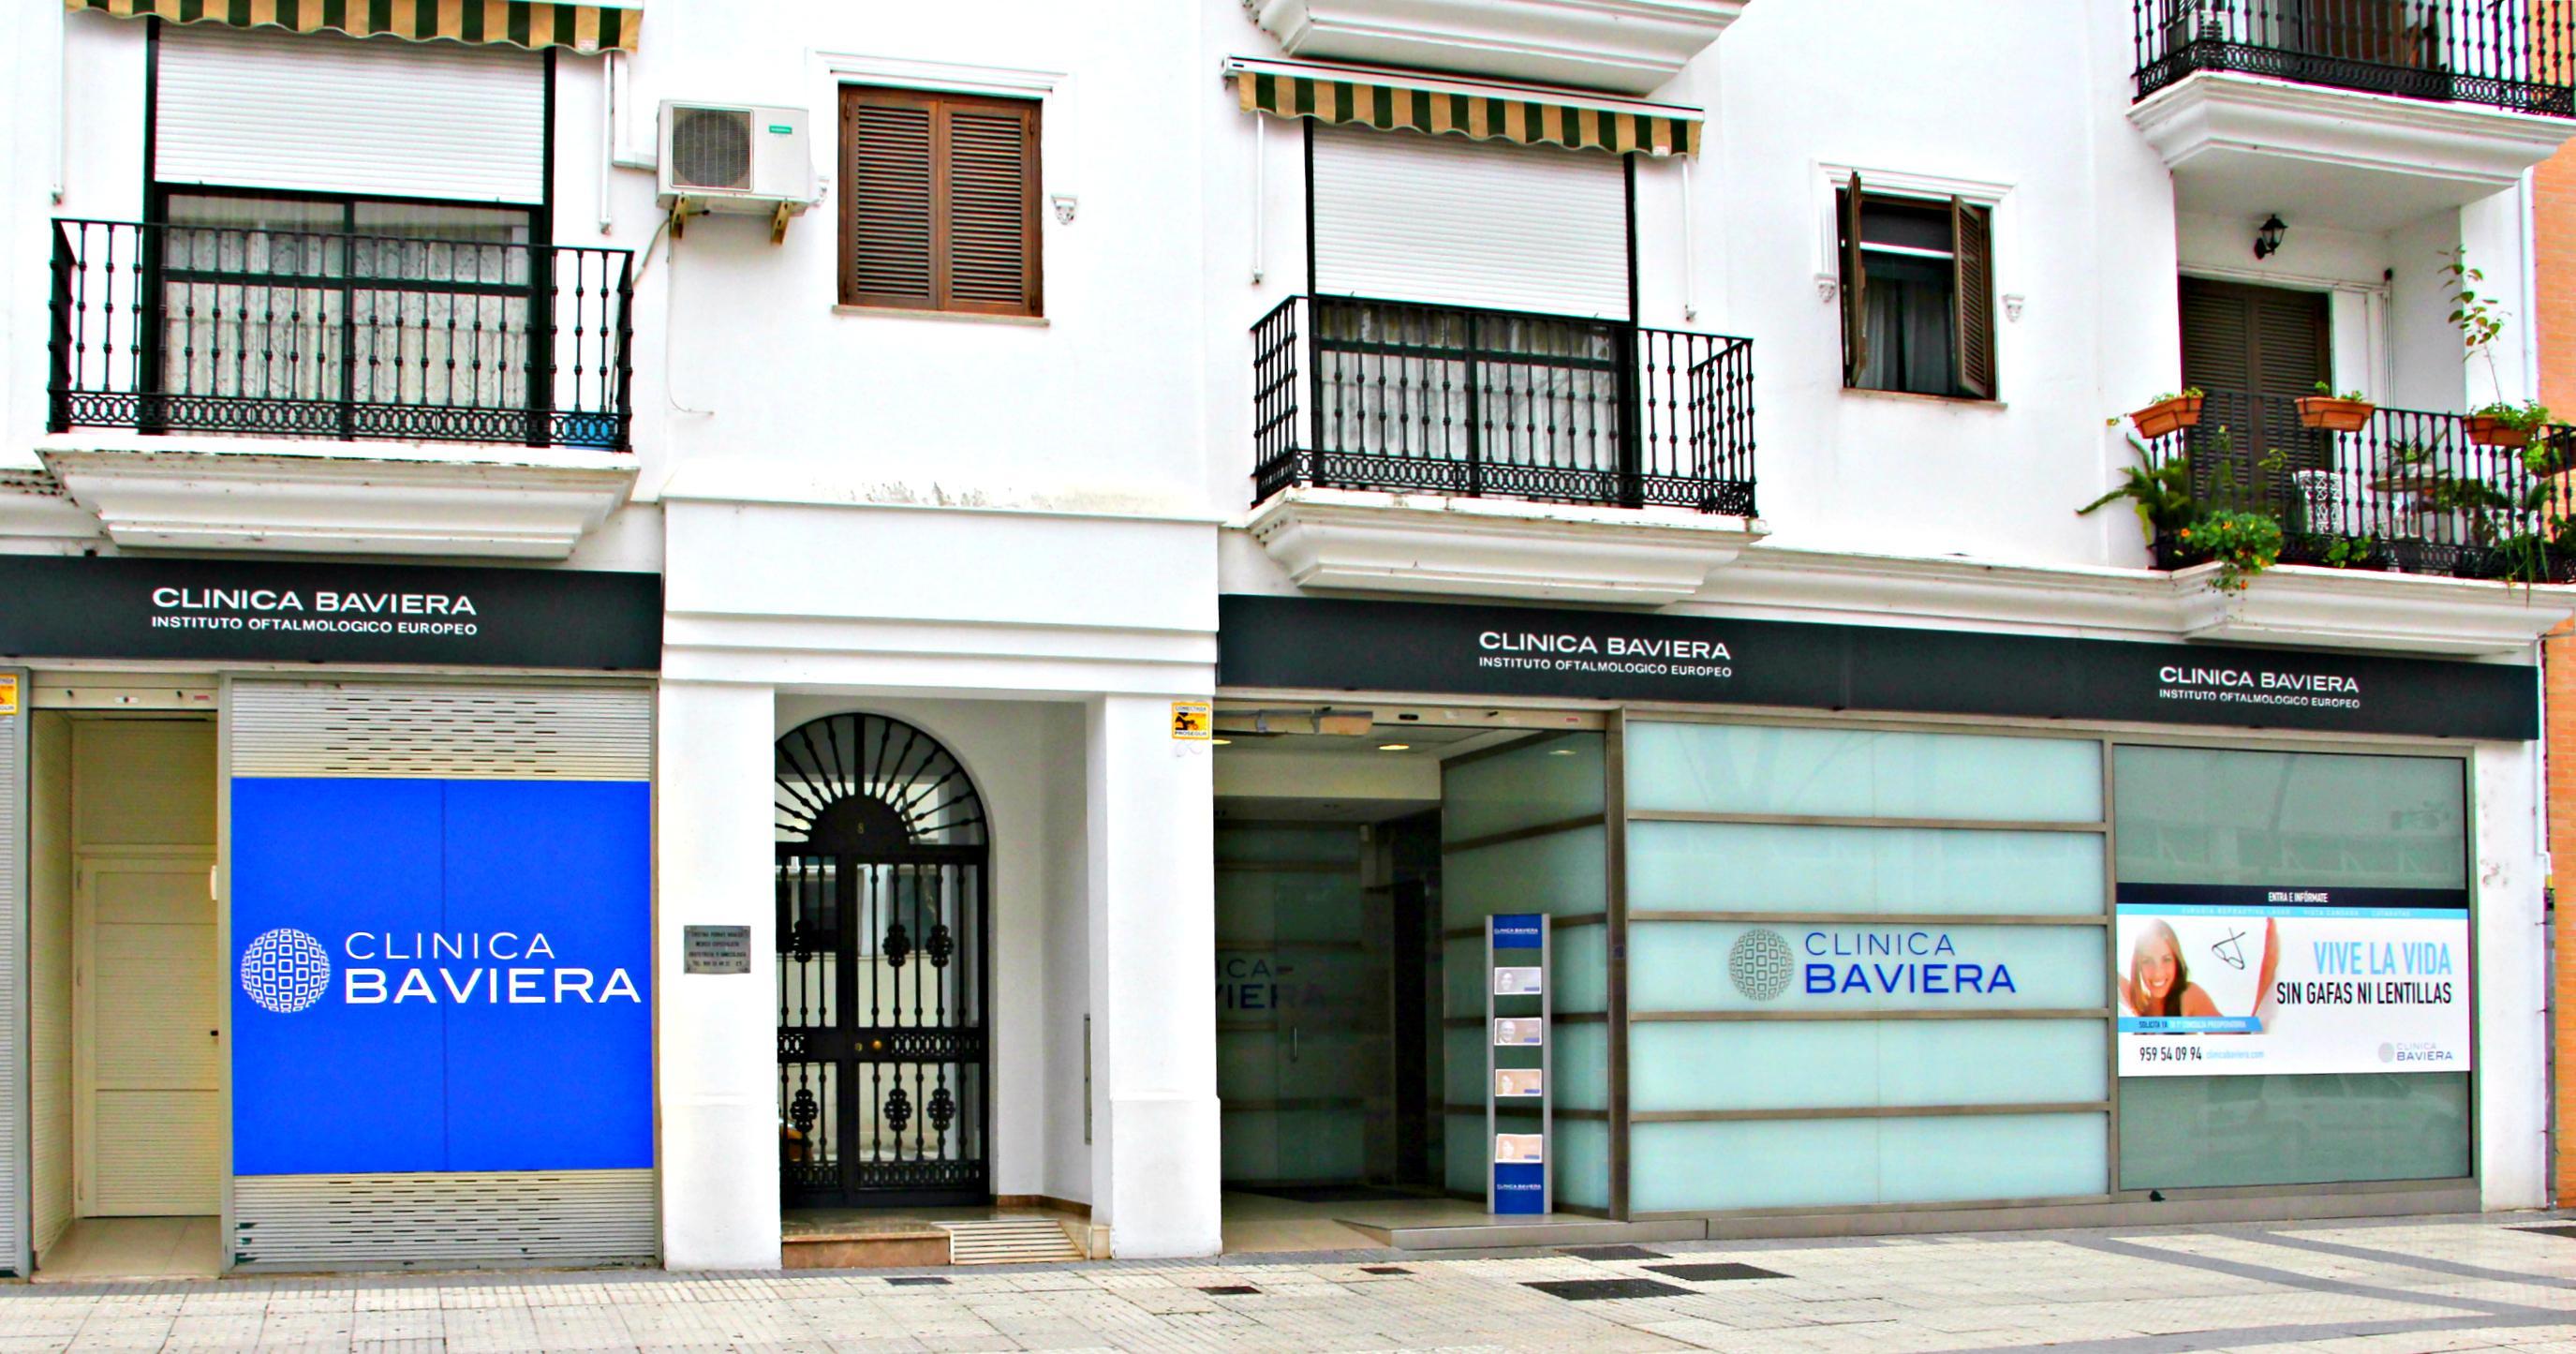 Fachada Clínica Baviera Huelva